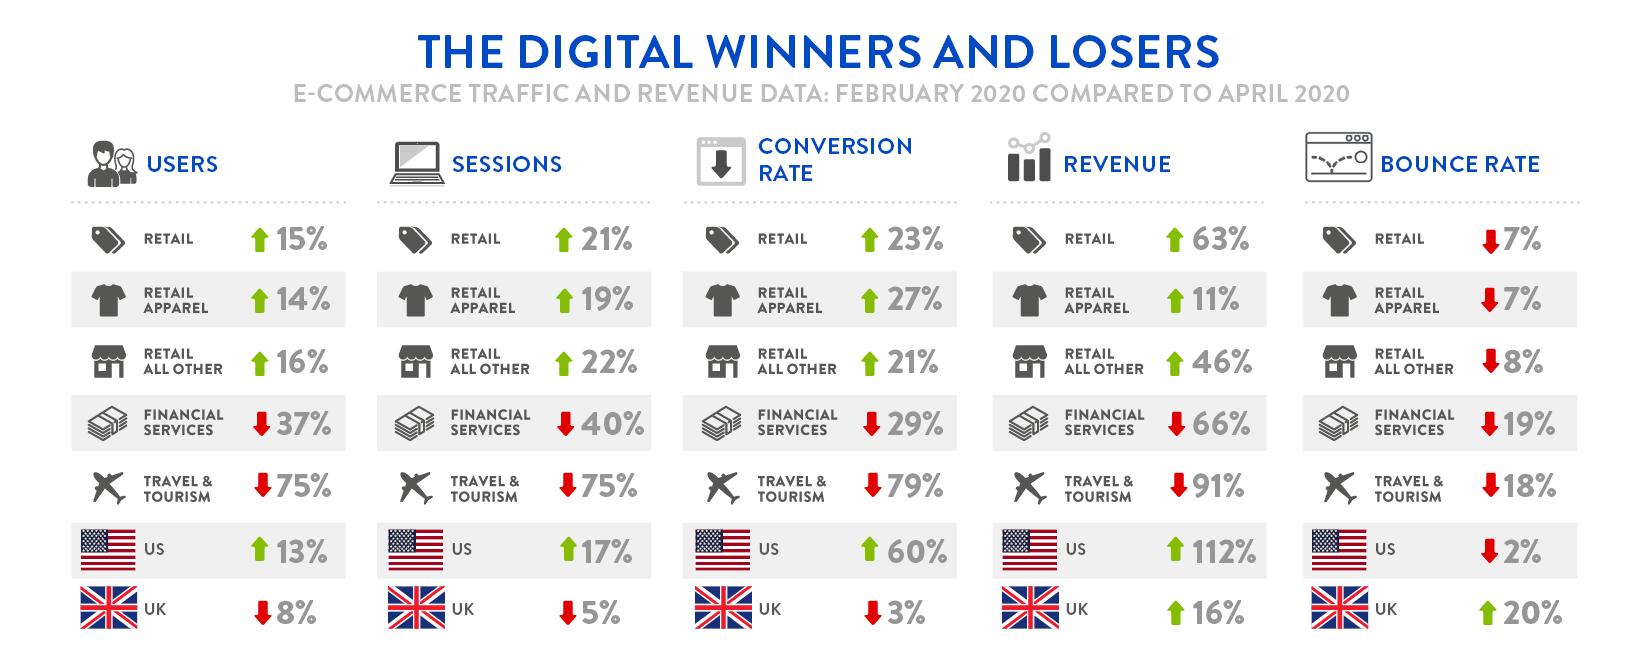 Digivante Infographic - Feb 2020 Compared to April 2020